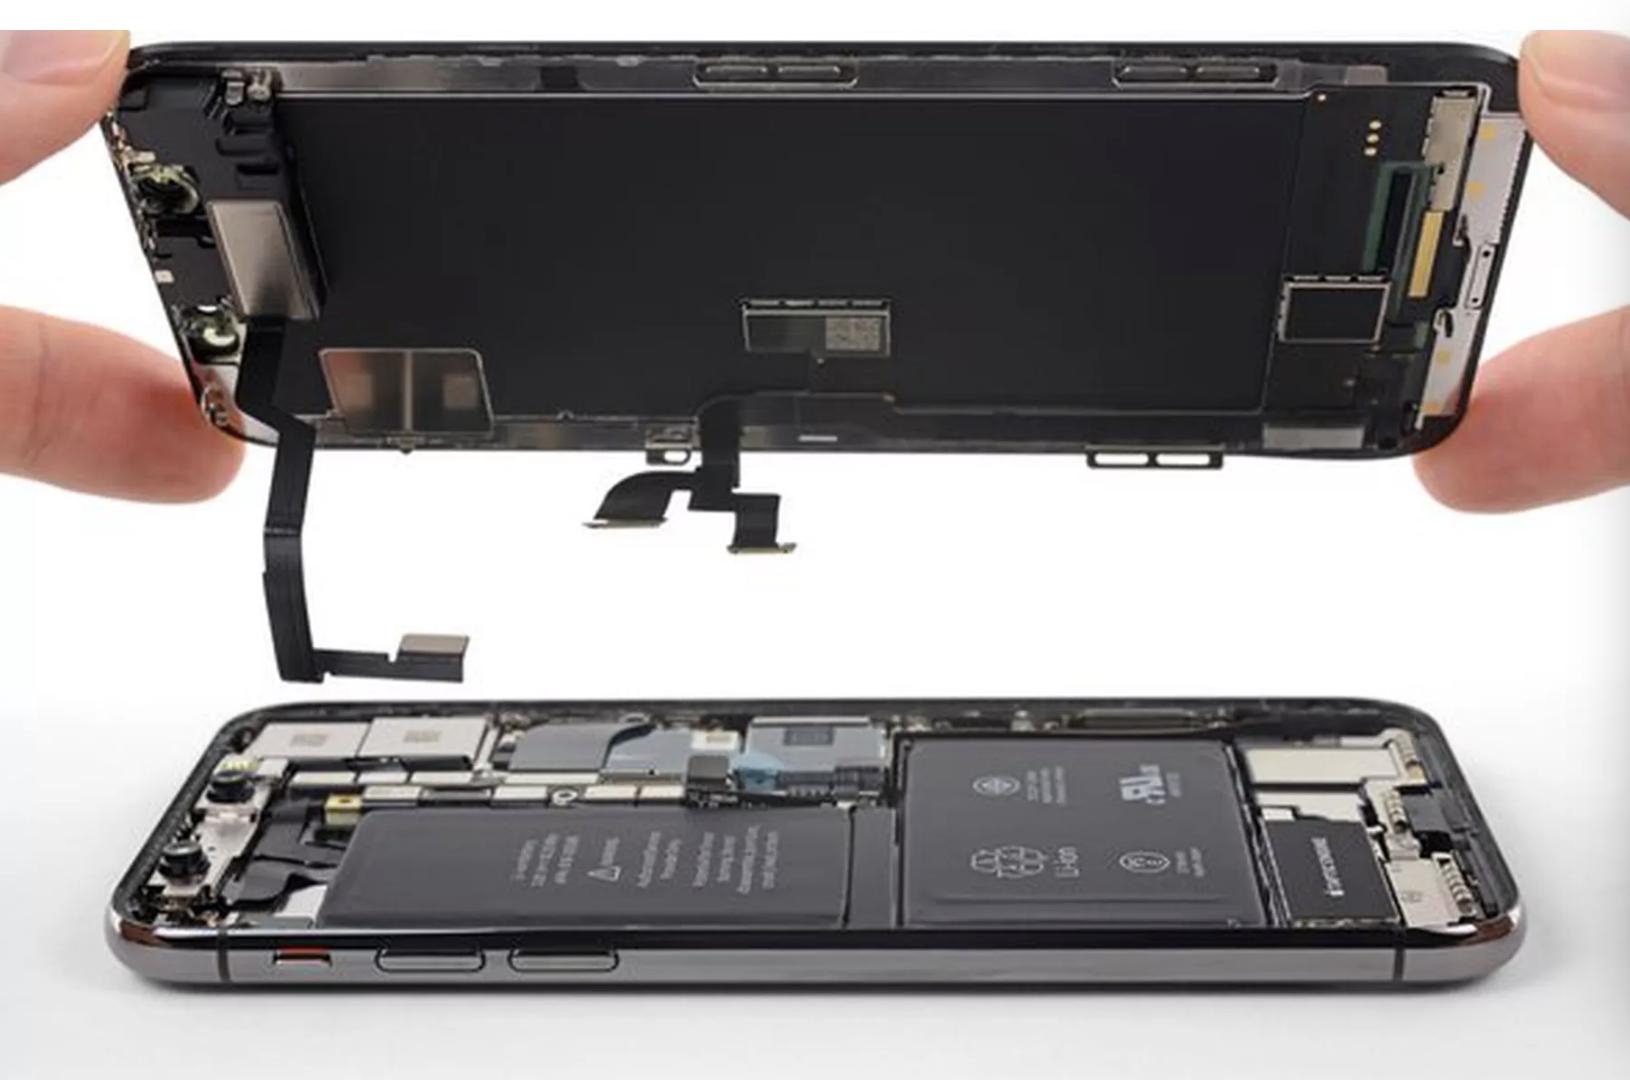 苹果让步:你自己换过电池的iPhone也可以送修